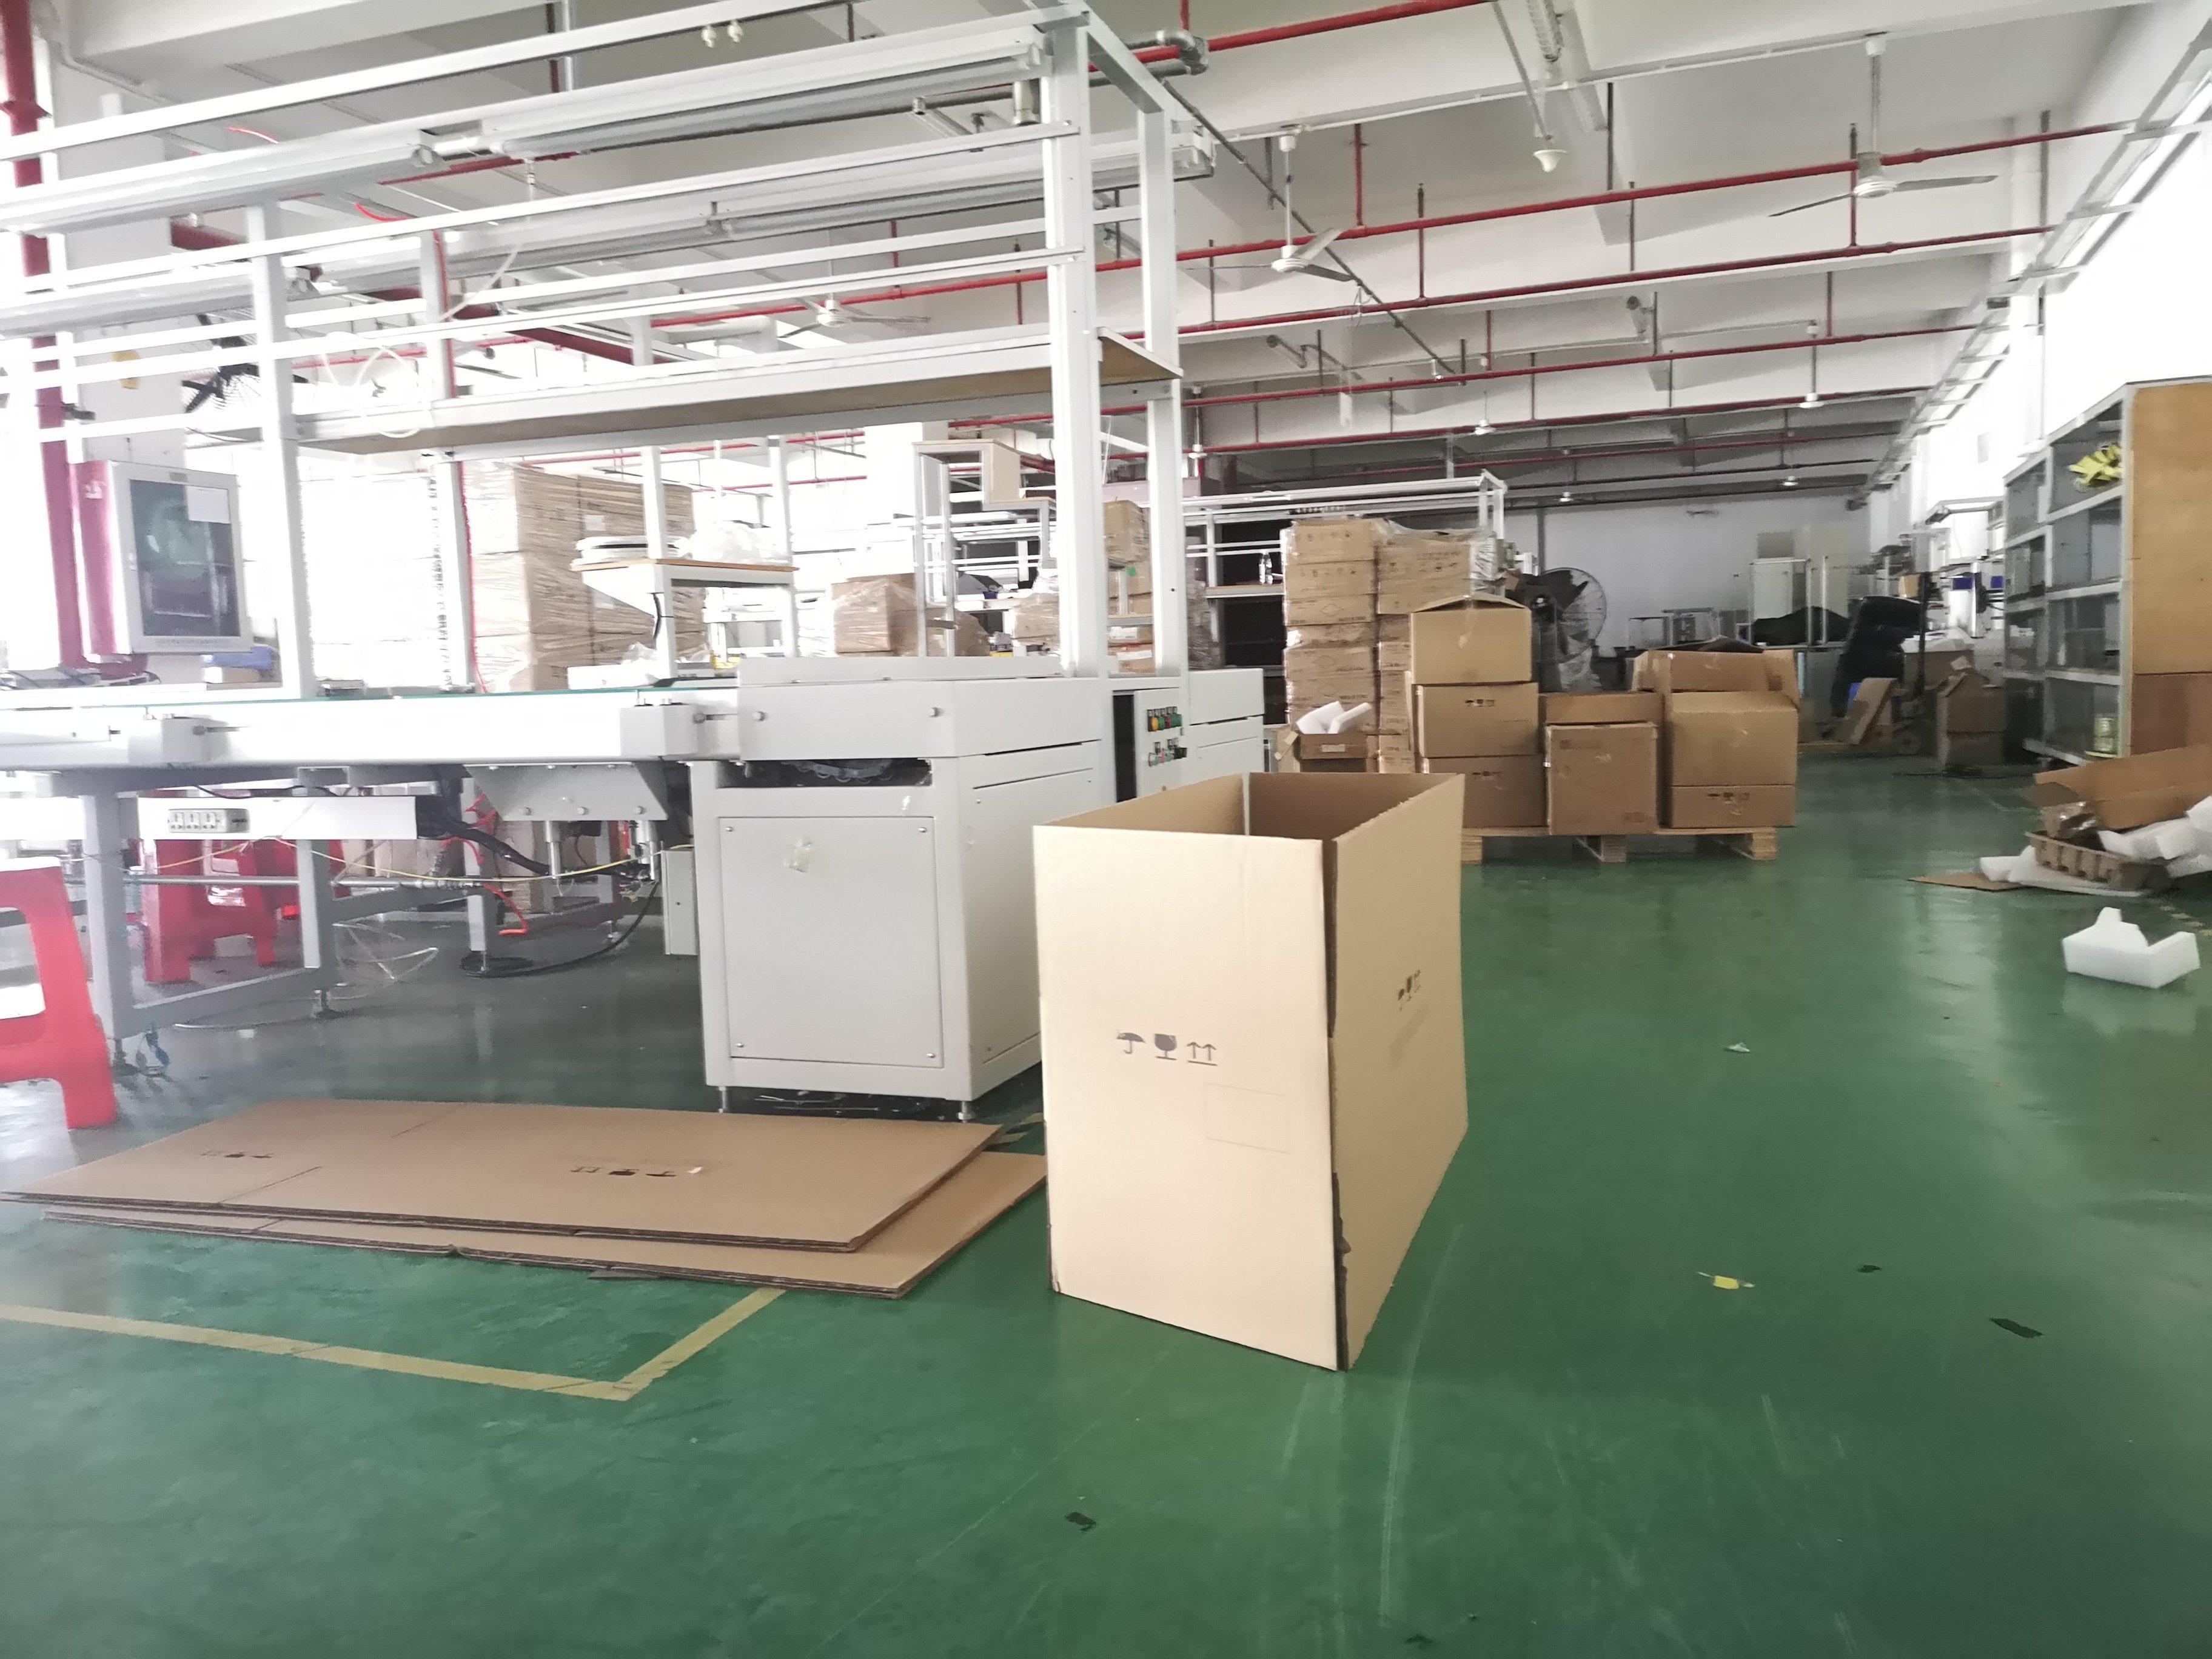 公明高新区红本花园式工业园区楼上带装修厂房出租-图3